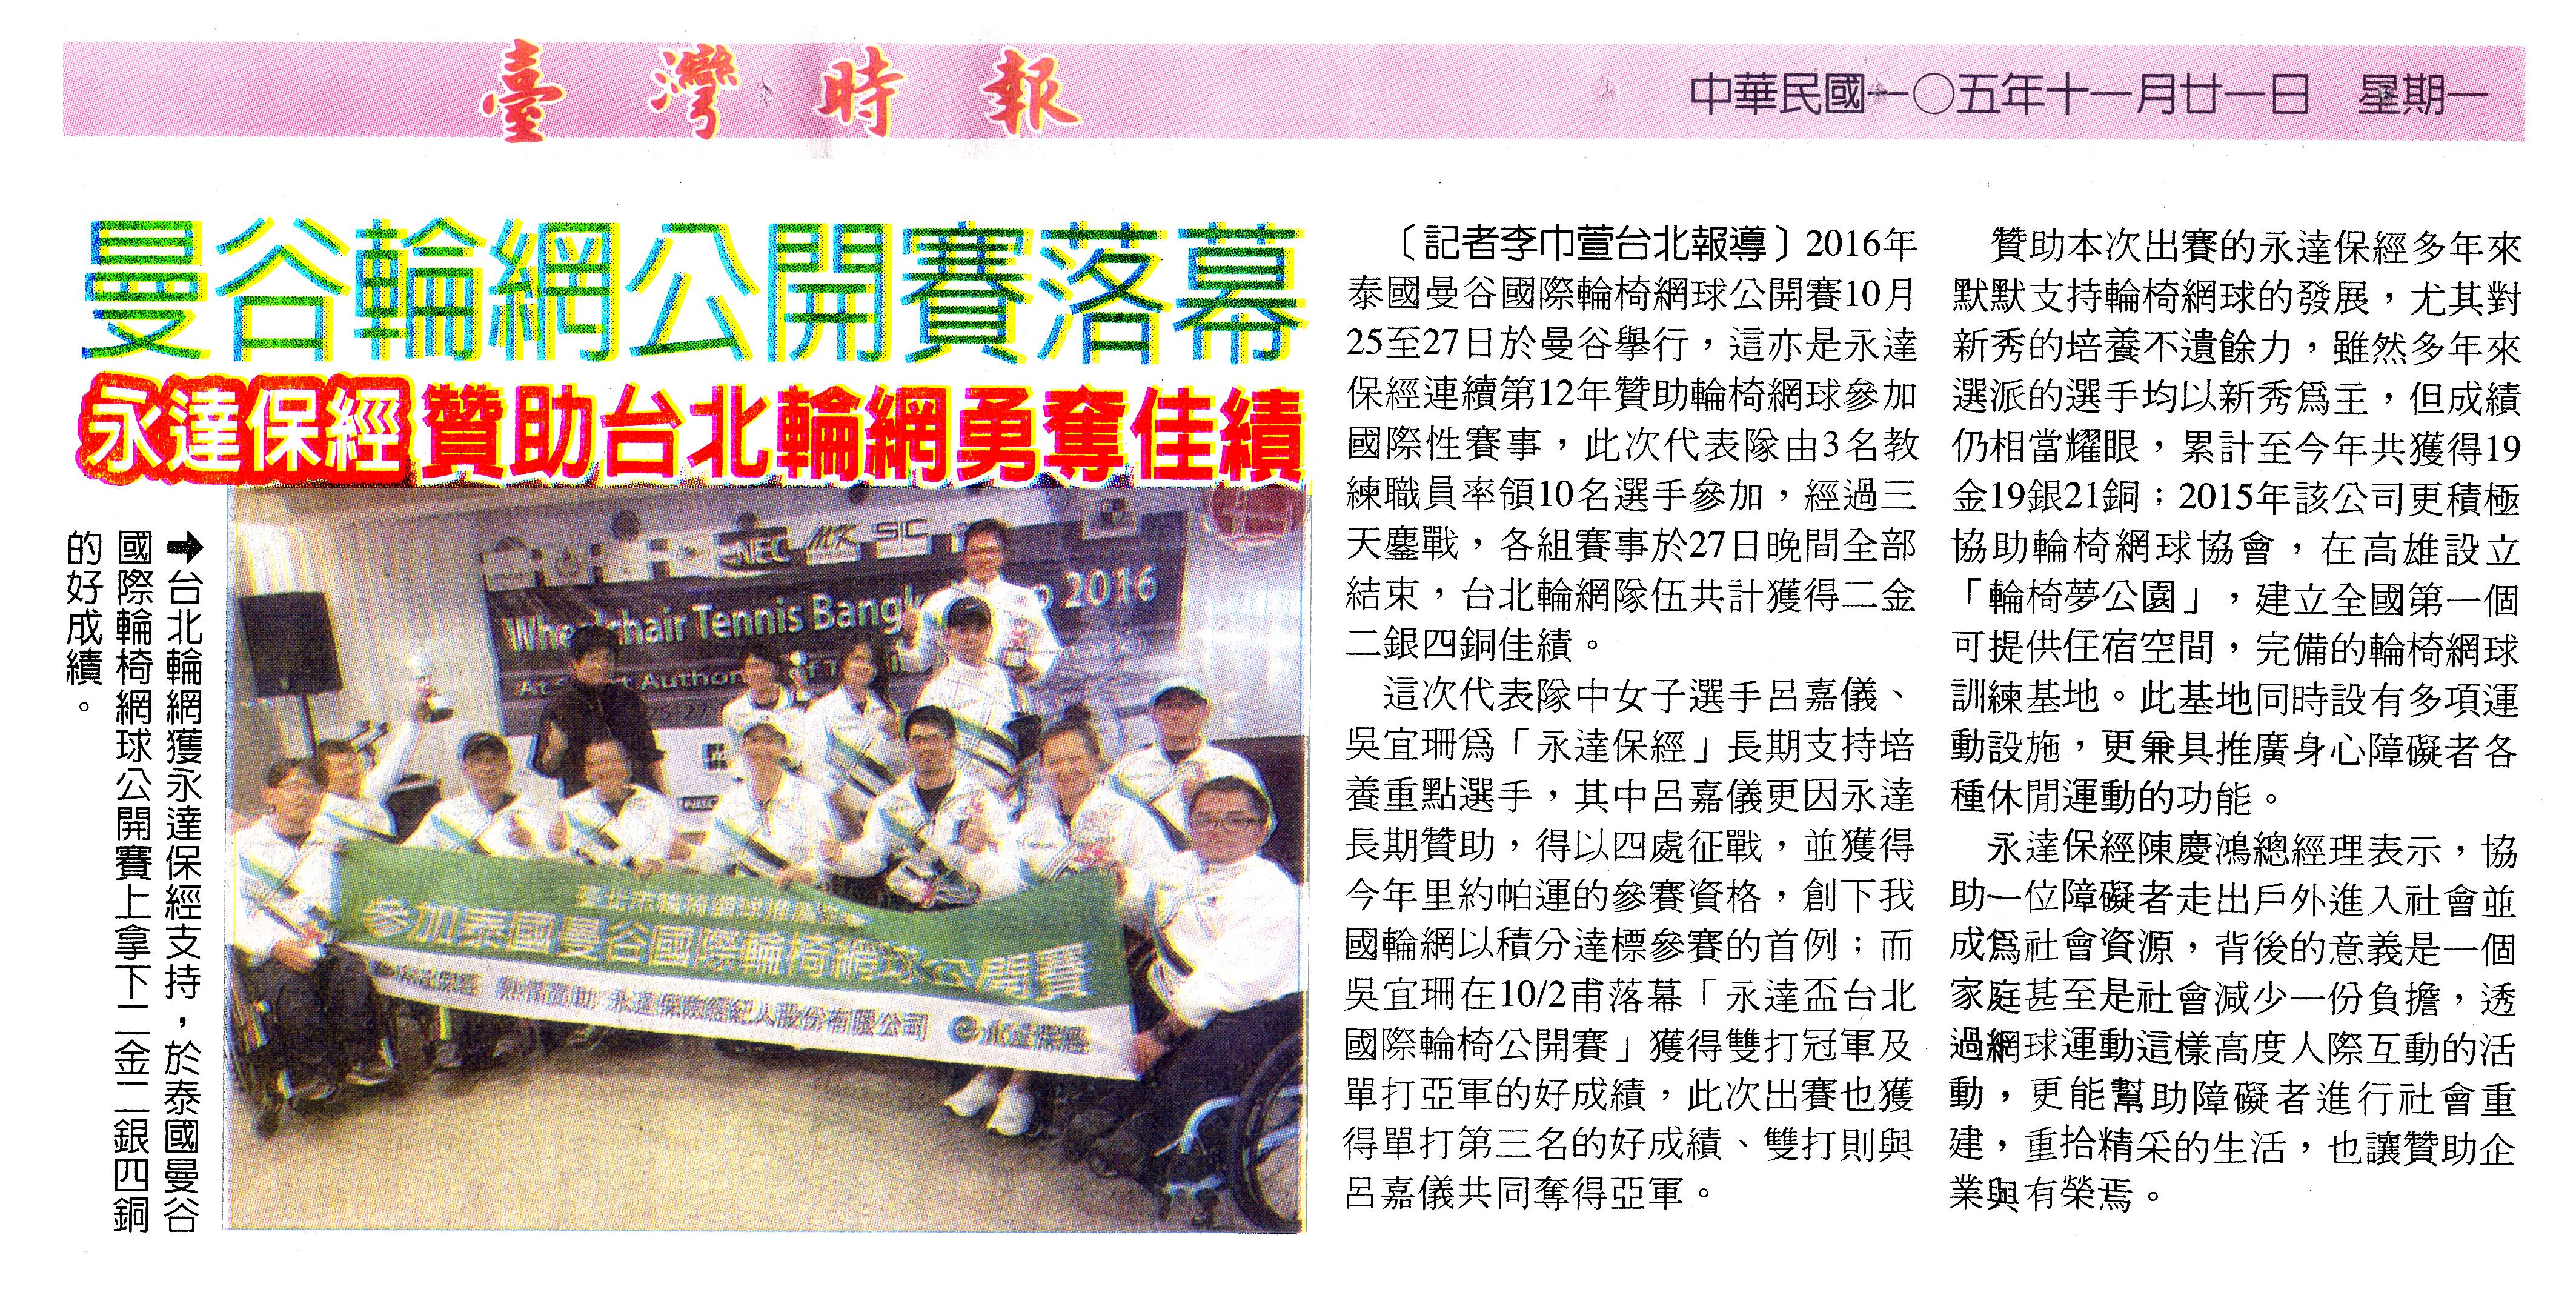 曼谷輪網公開賽落幕 永達保經贊助台北輪網勇奪佳績報導圖檔